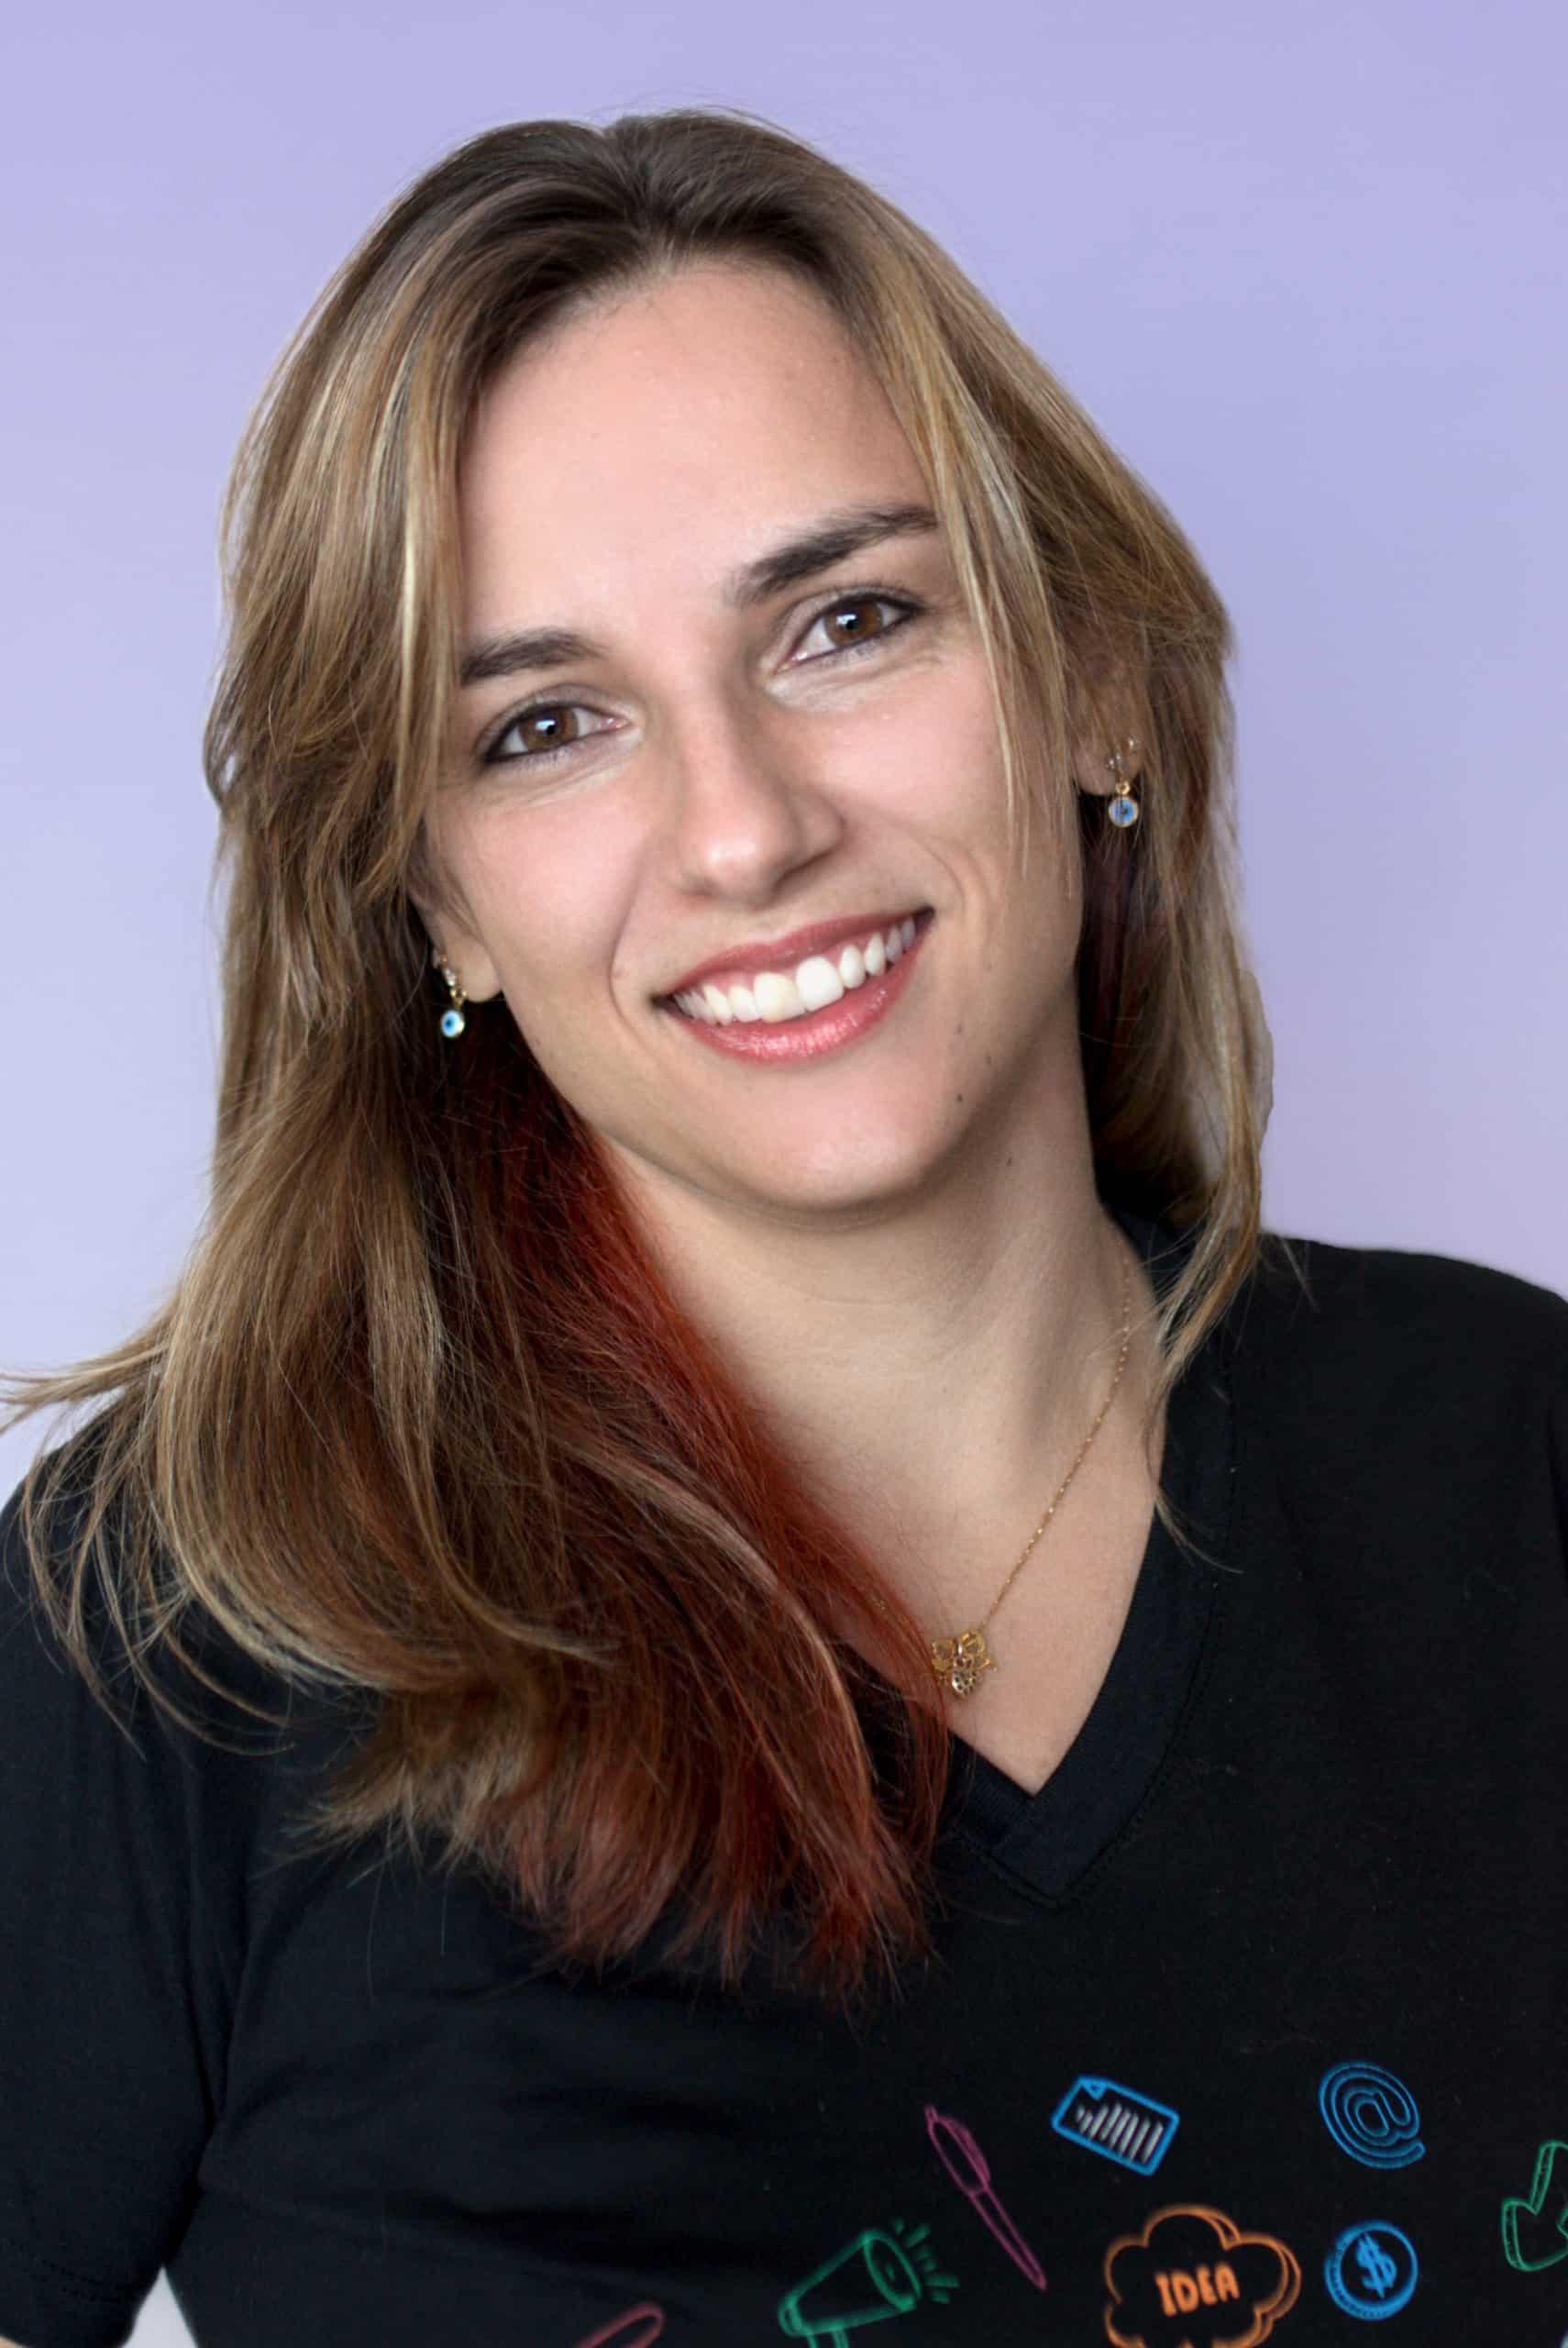 Empresa de empréstimos e investimentos alternativos - Funcionária Carina Martins